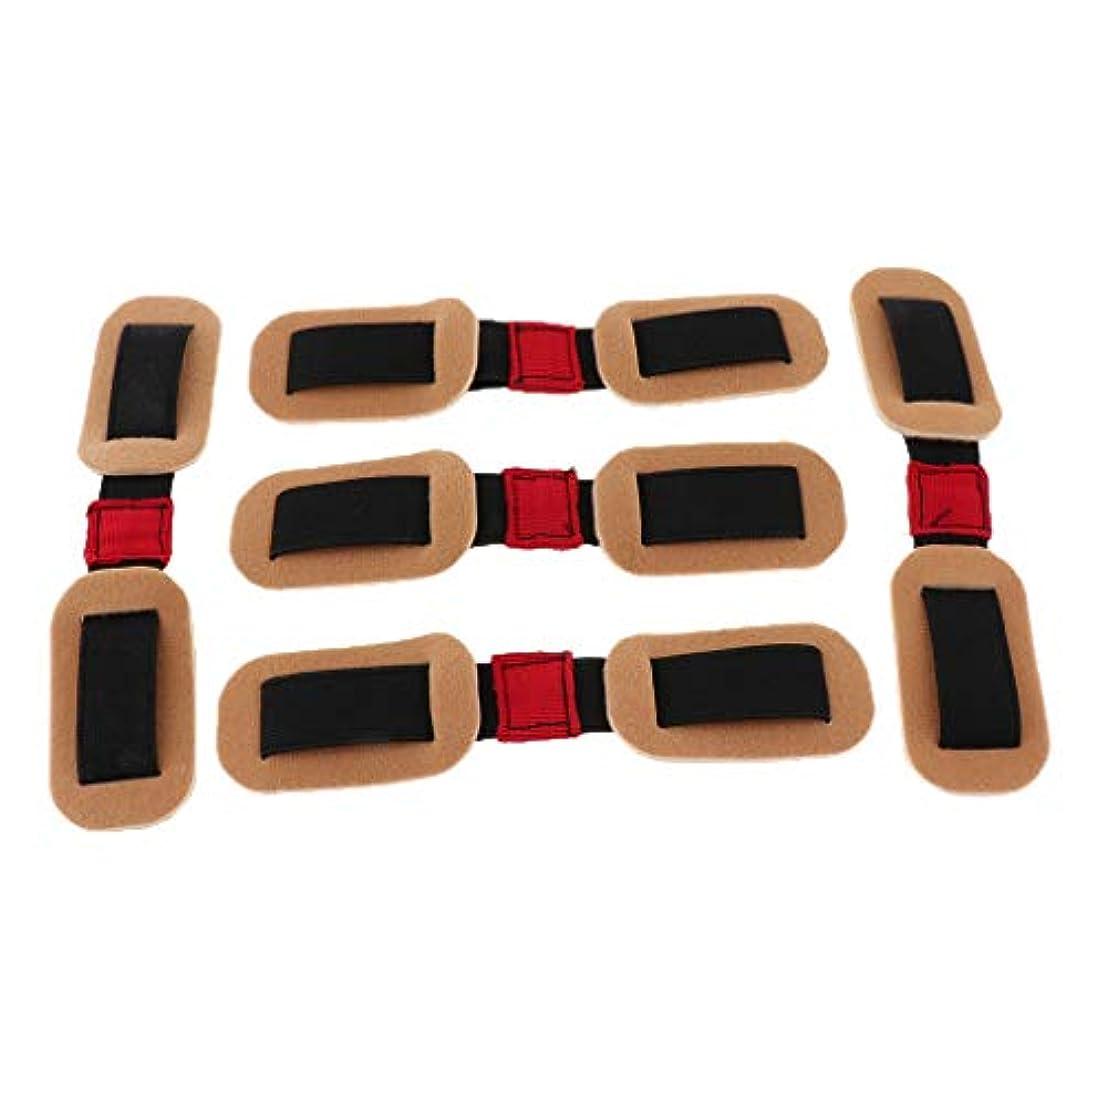 細分化する意図的アシスタントCUTICATE 外反母趾サポーター バンド ストラップ 親指矯正 トレーニング 柔軟 再利用可能 男女兼用 5個入